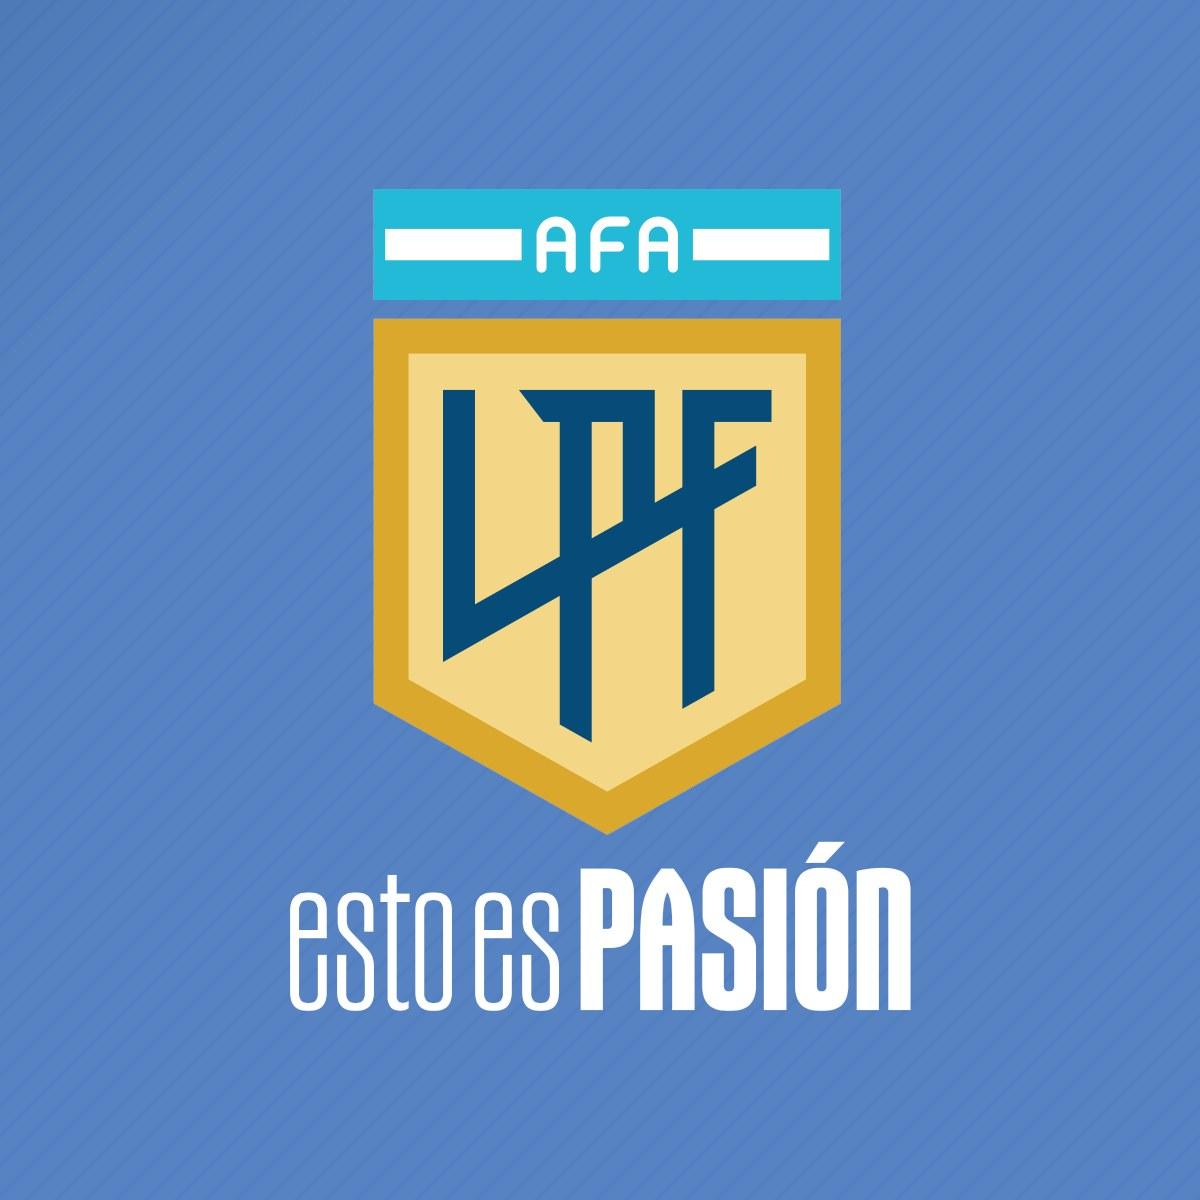 Logo y slogan de la Liga Profesional de Fútbol Argentino | Imagen Twitter Oficial